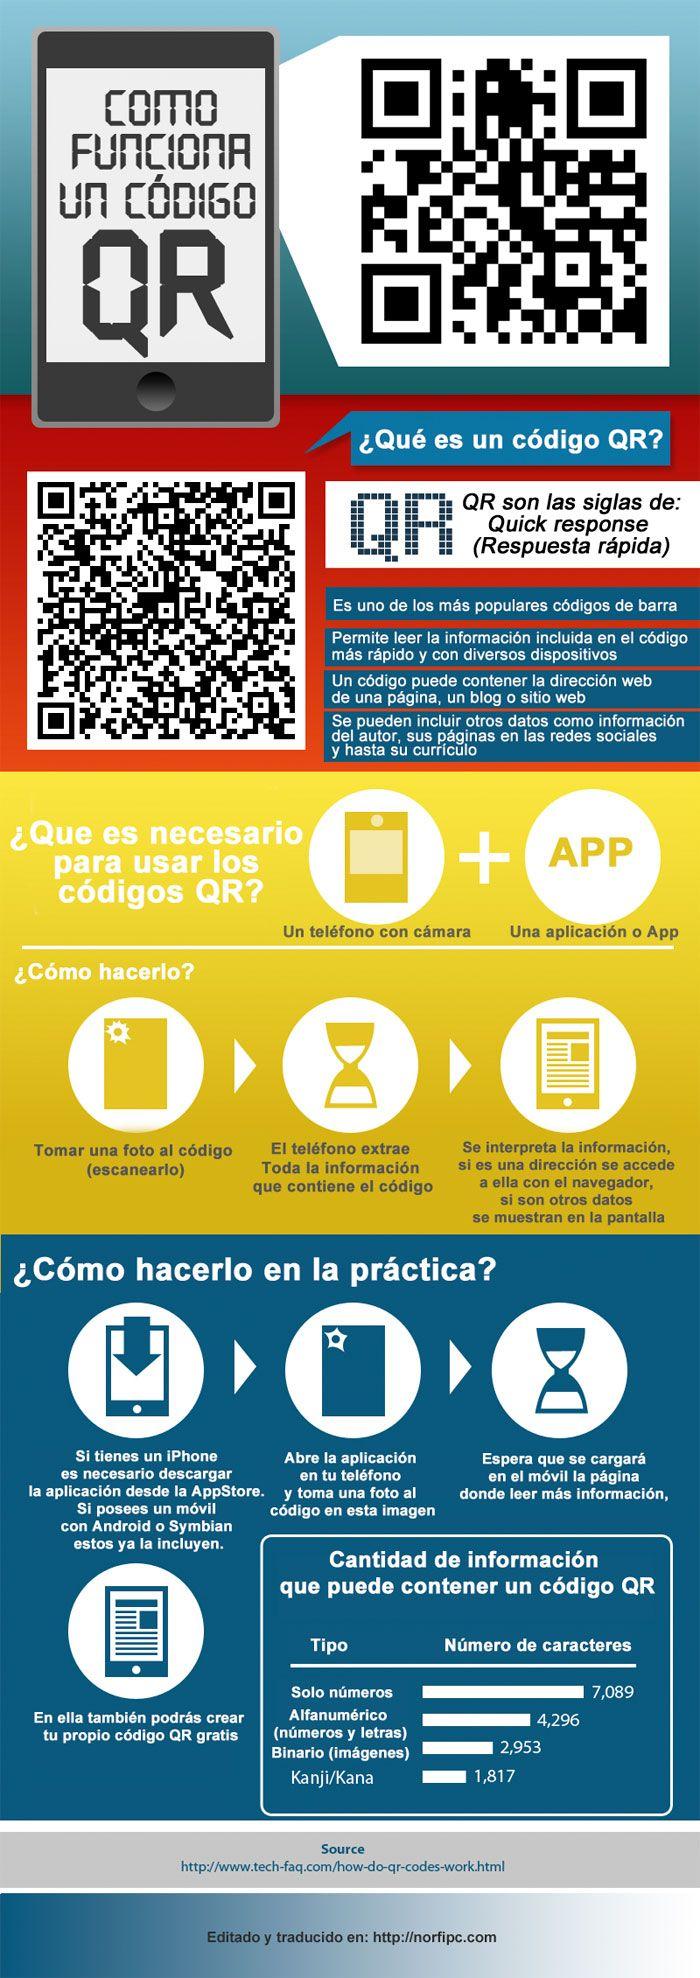 Cómo funcionan los códigos QR, conoce sus usos prácticos. #Infografia #QR #CódigoQR